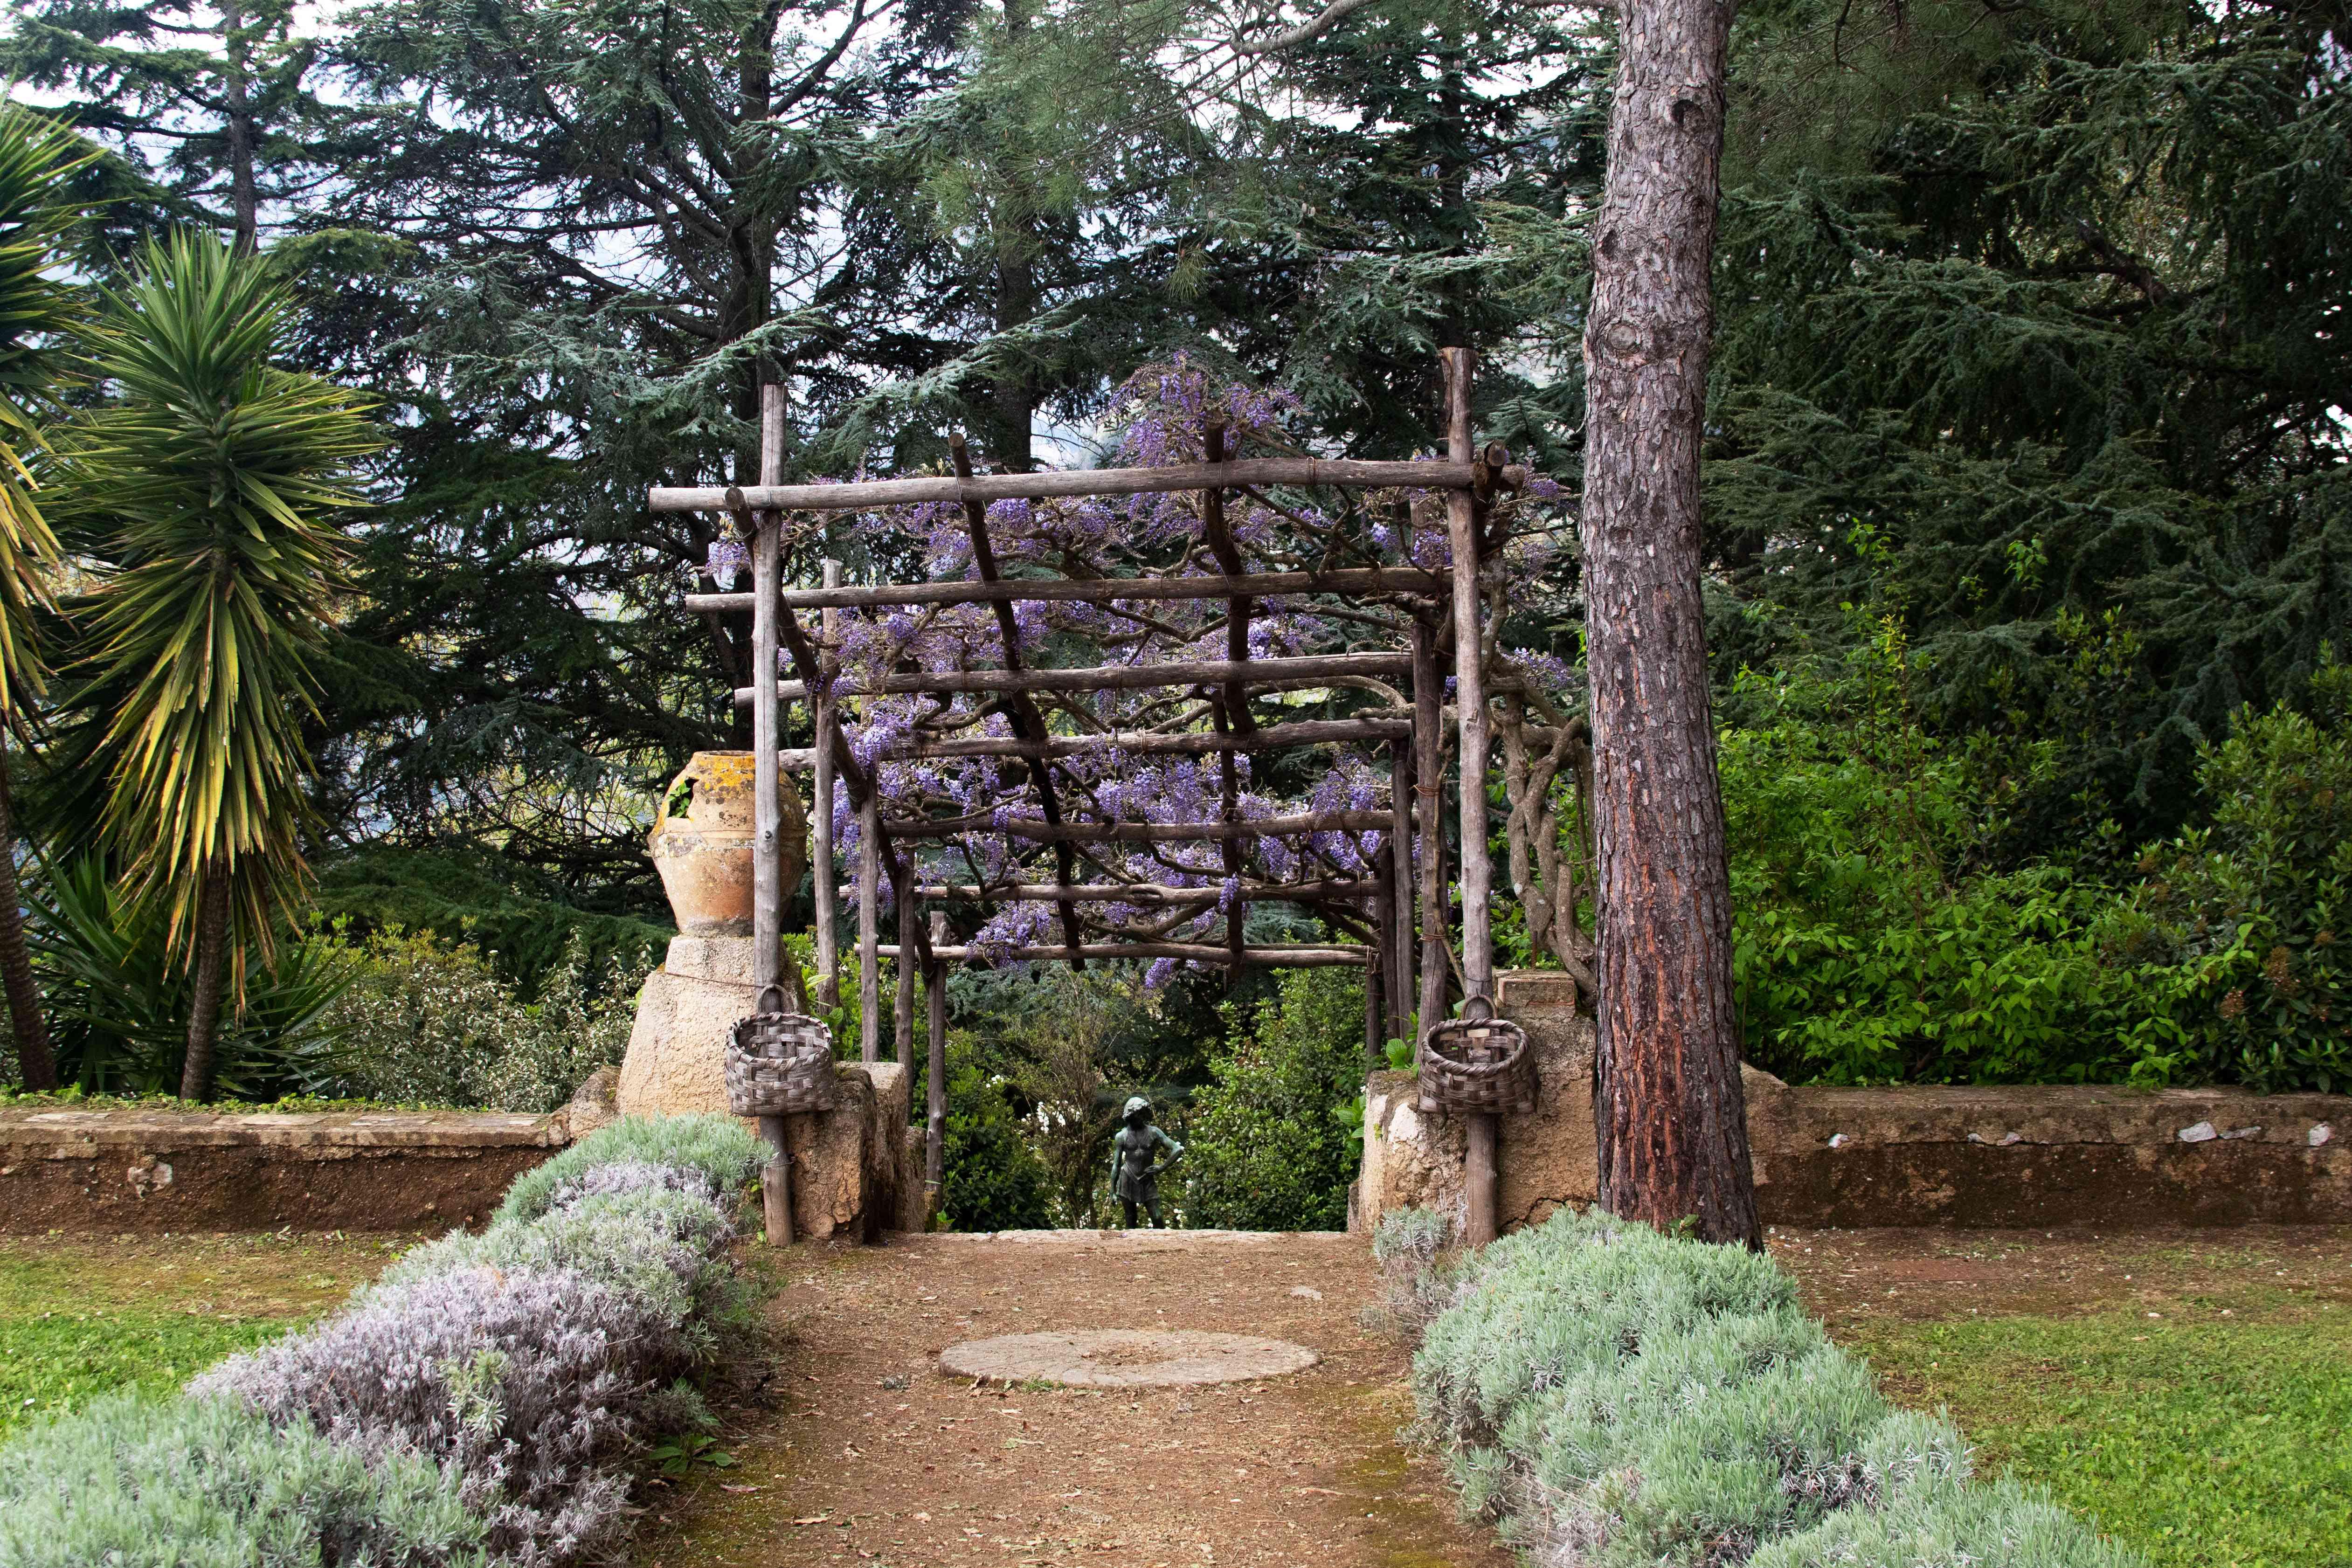 A path through a garden in Villa Cimbrone